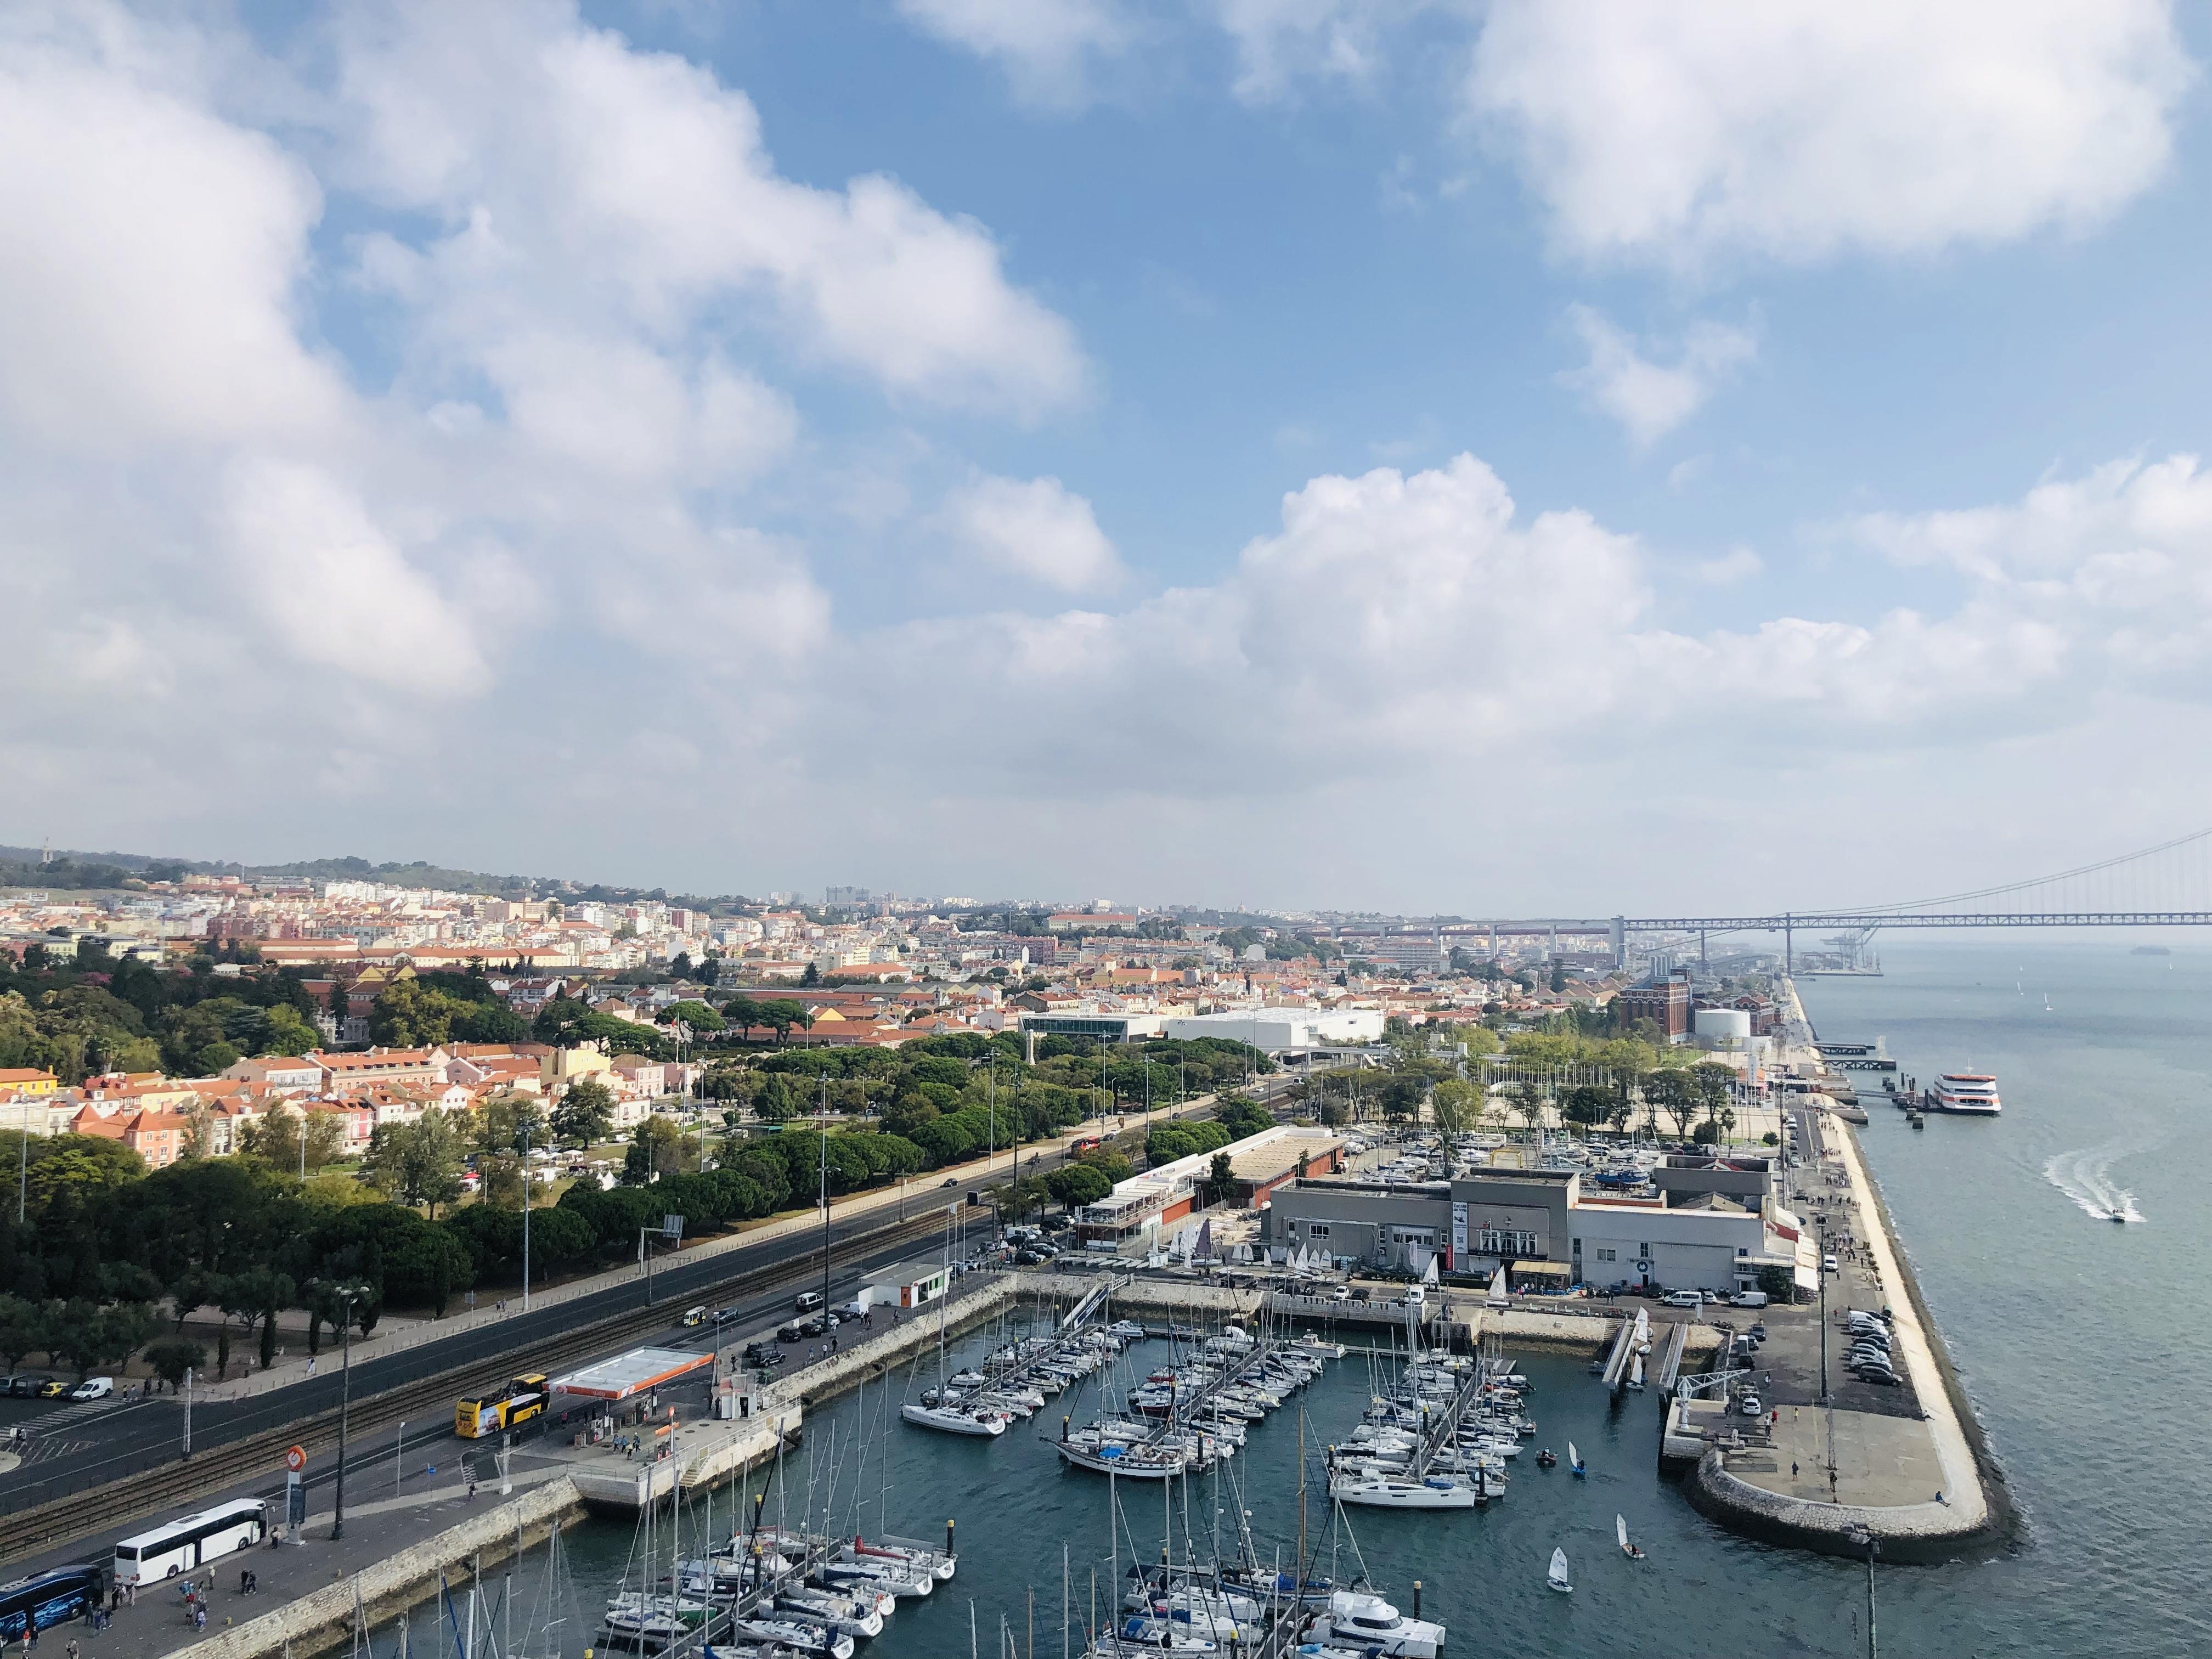 3 jours à lisbonne panorama port